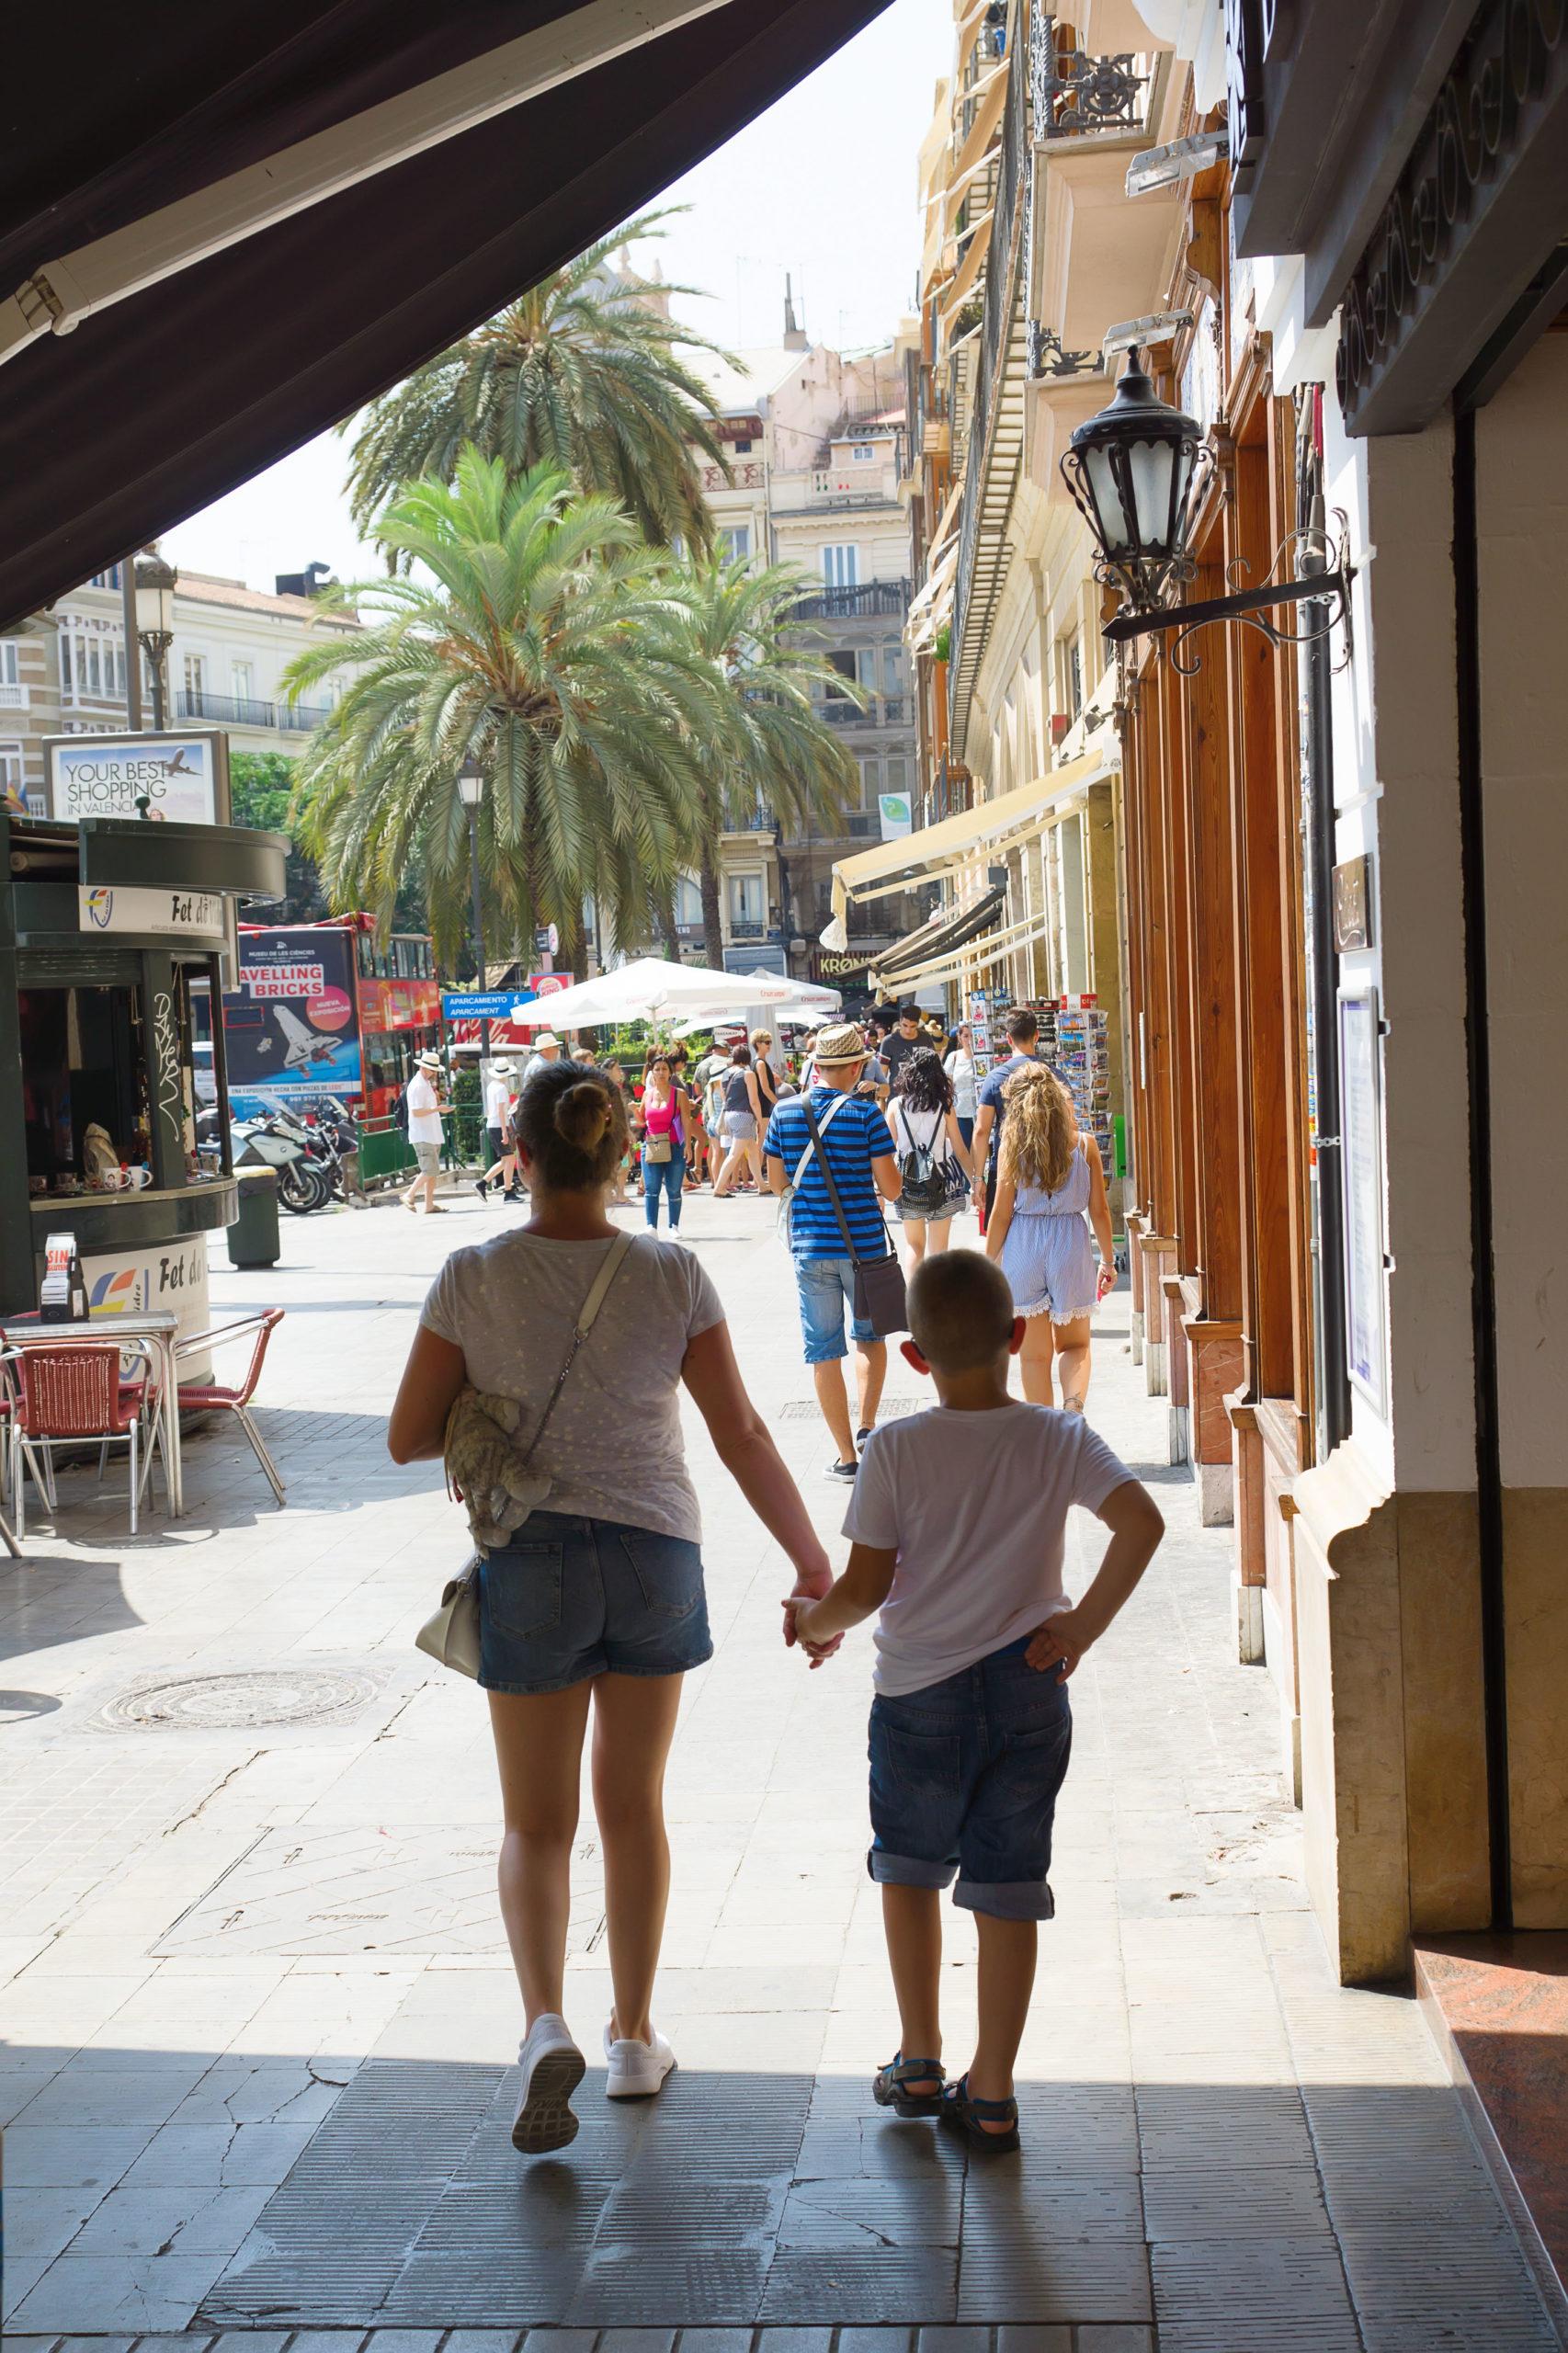 Valencia klima vaer temperatur Spania